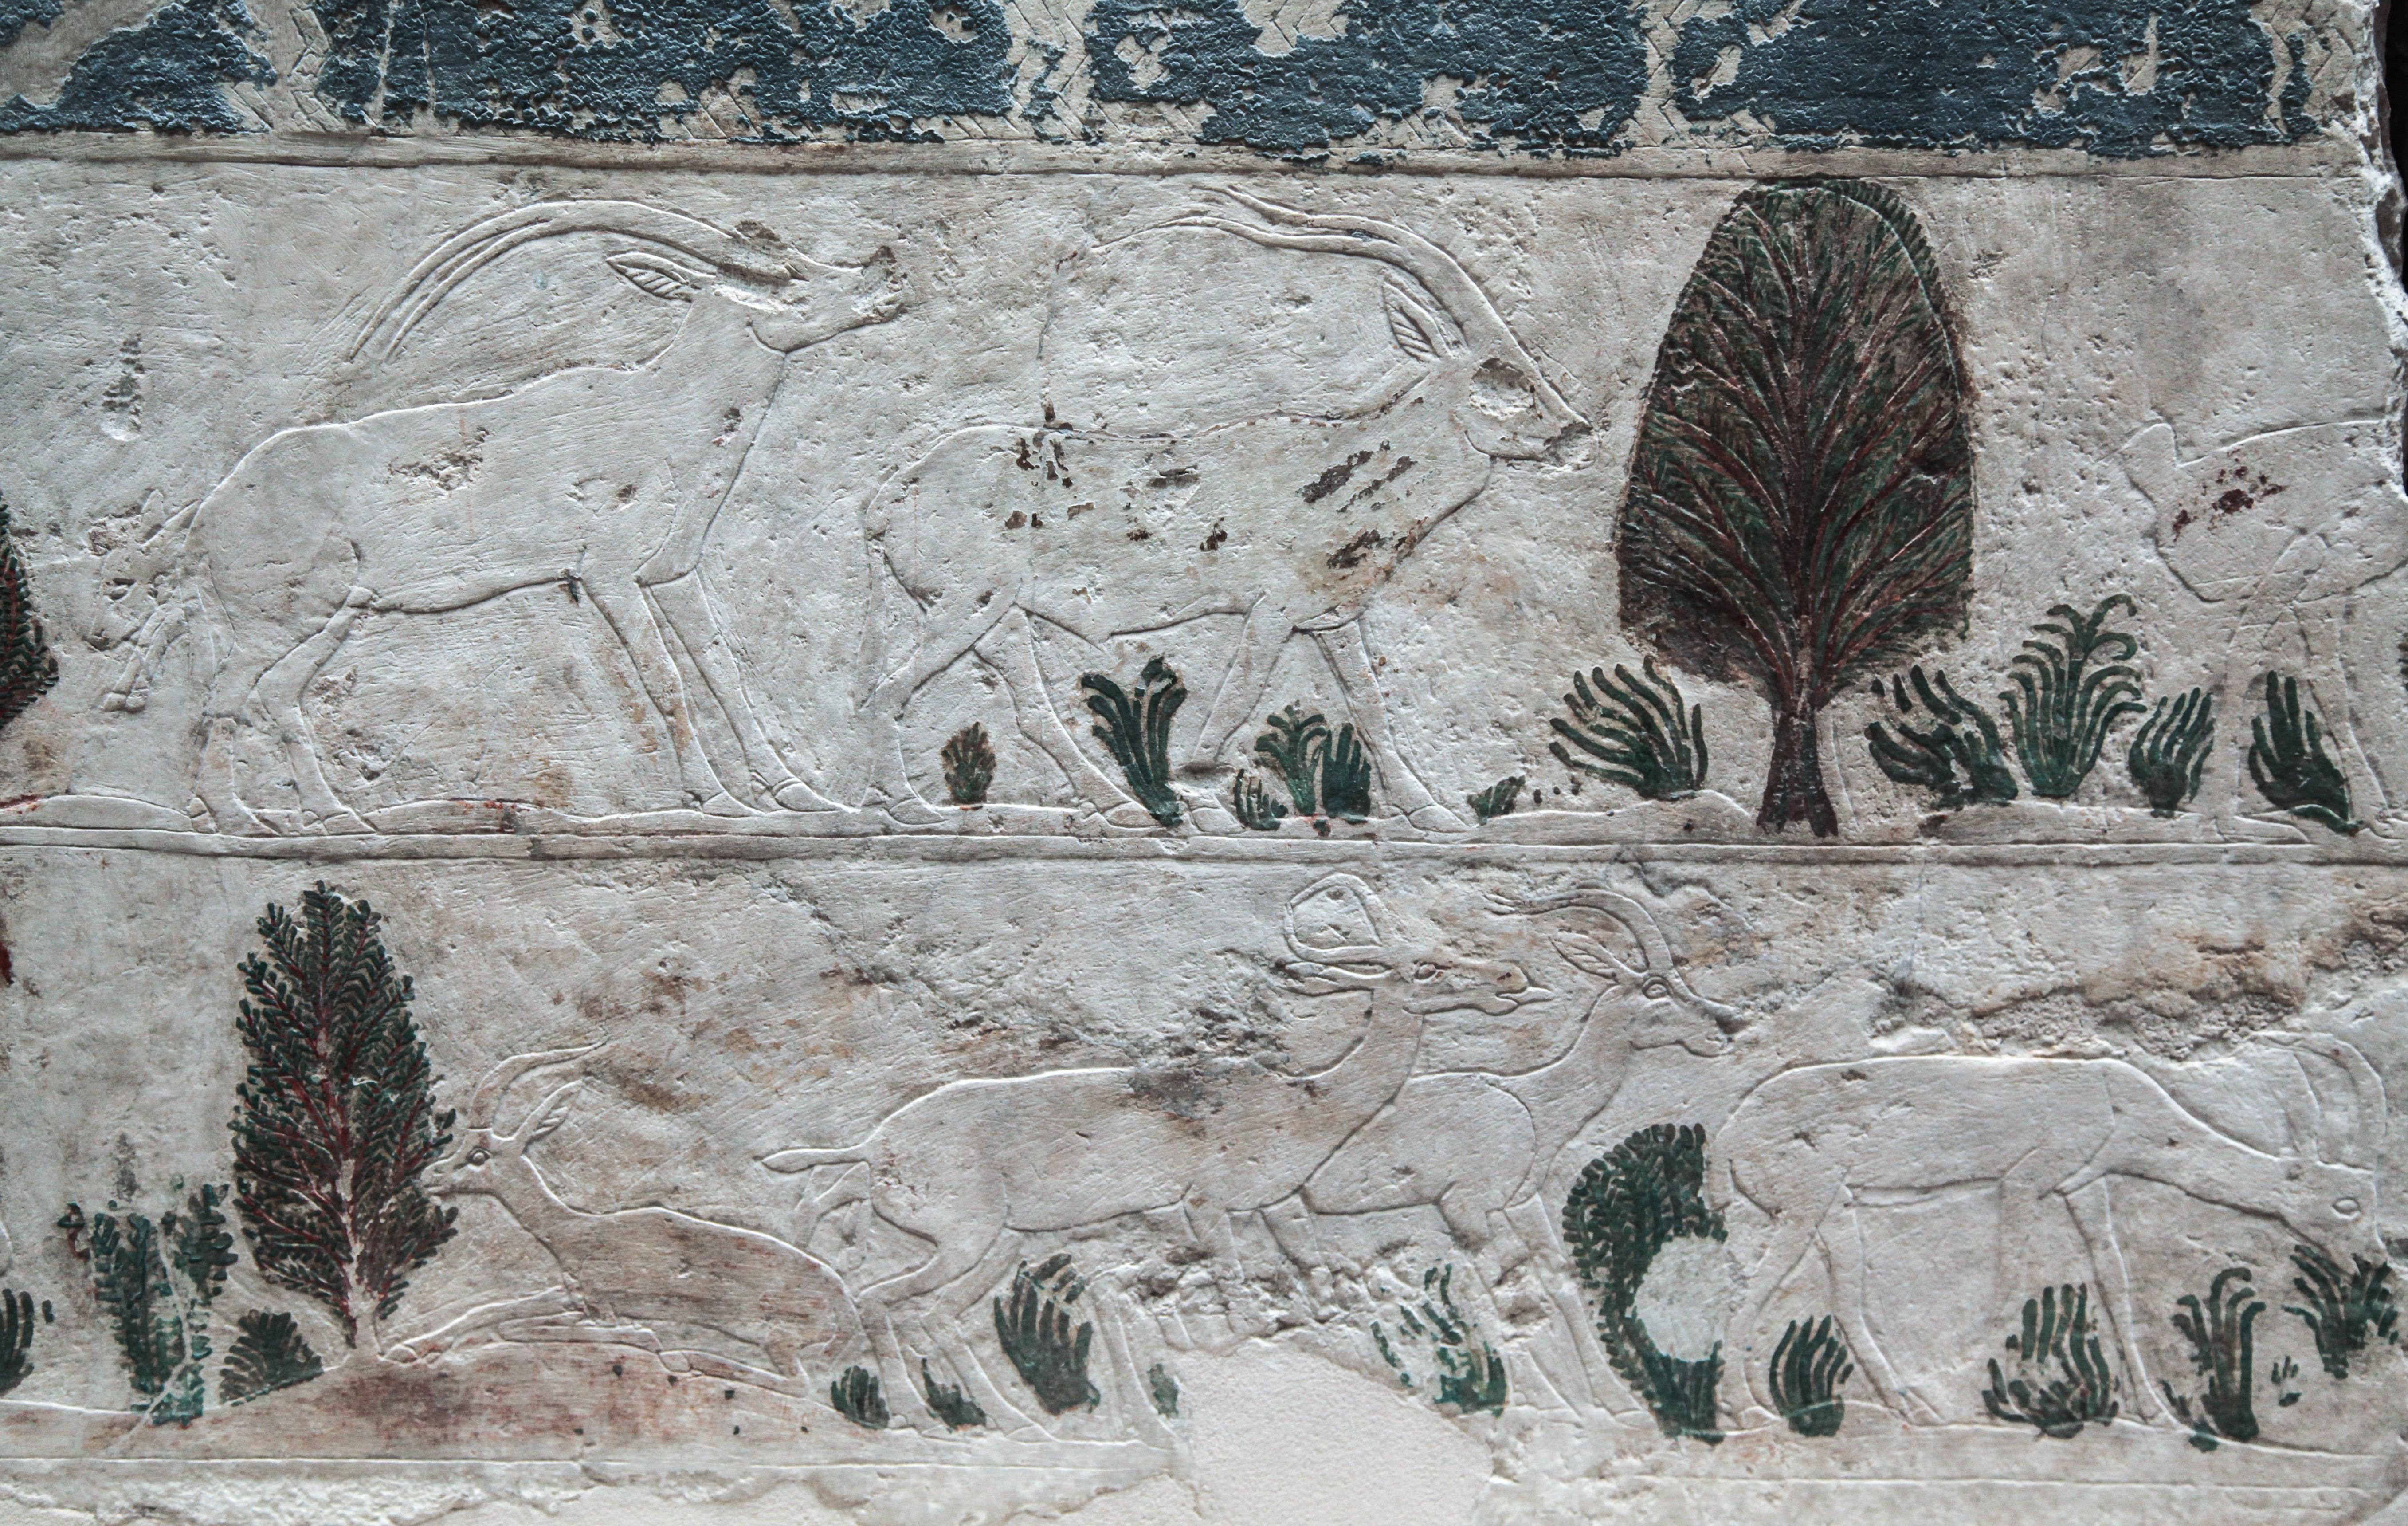 Gambar Alam Rumput Batu Jerami Bidang Tanah Pertanian